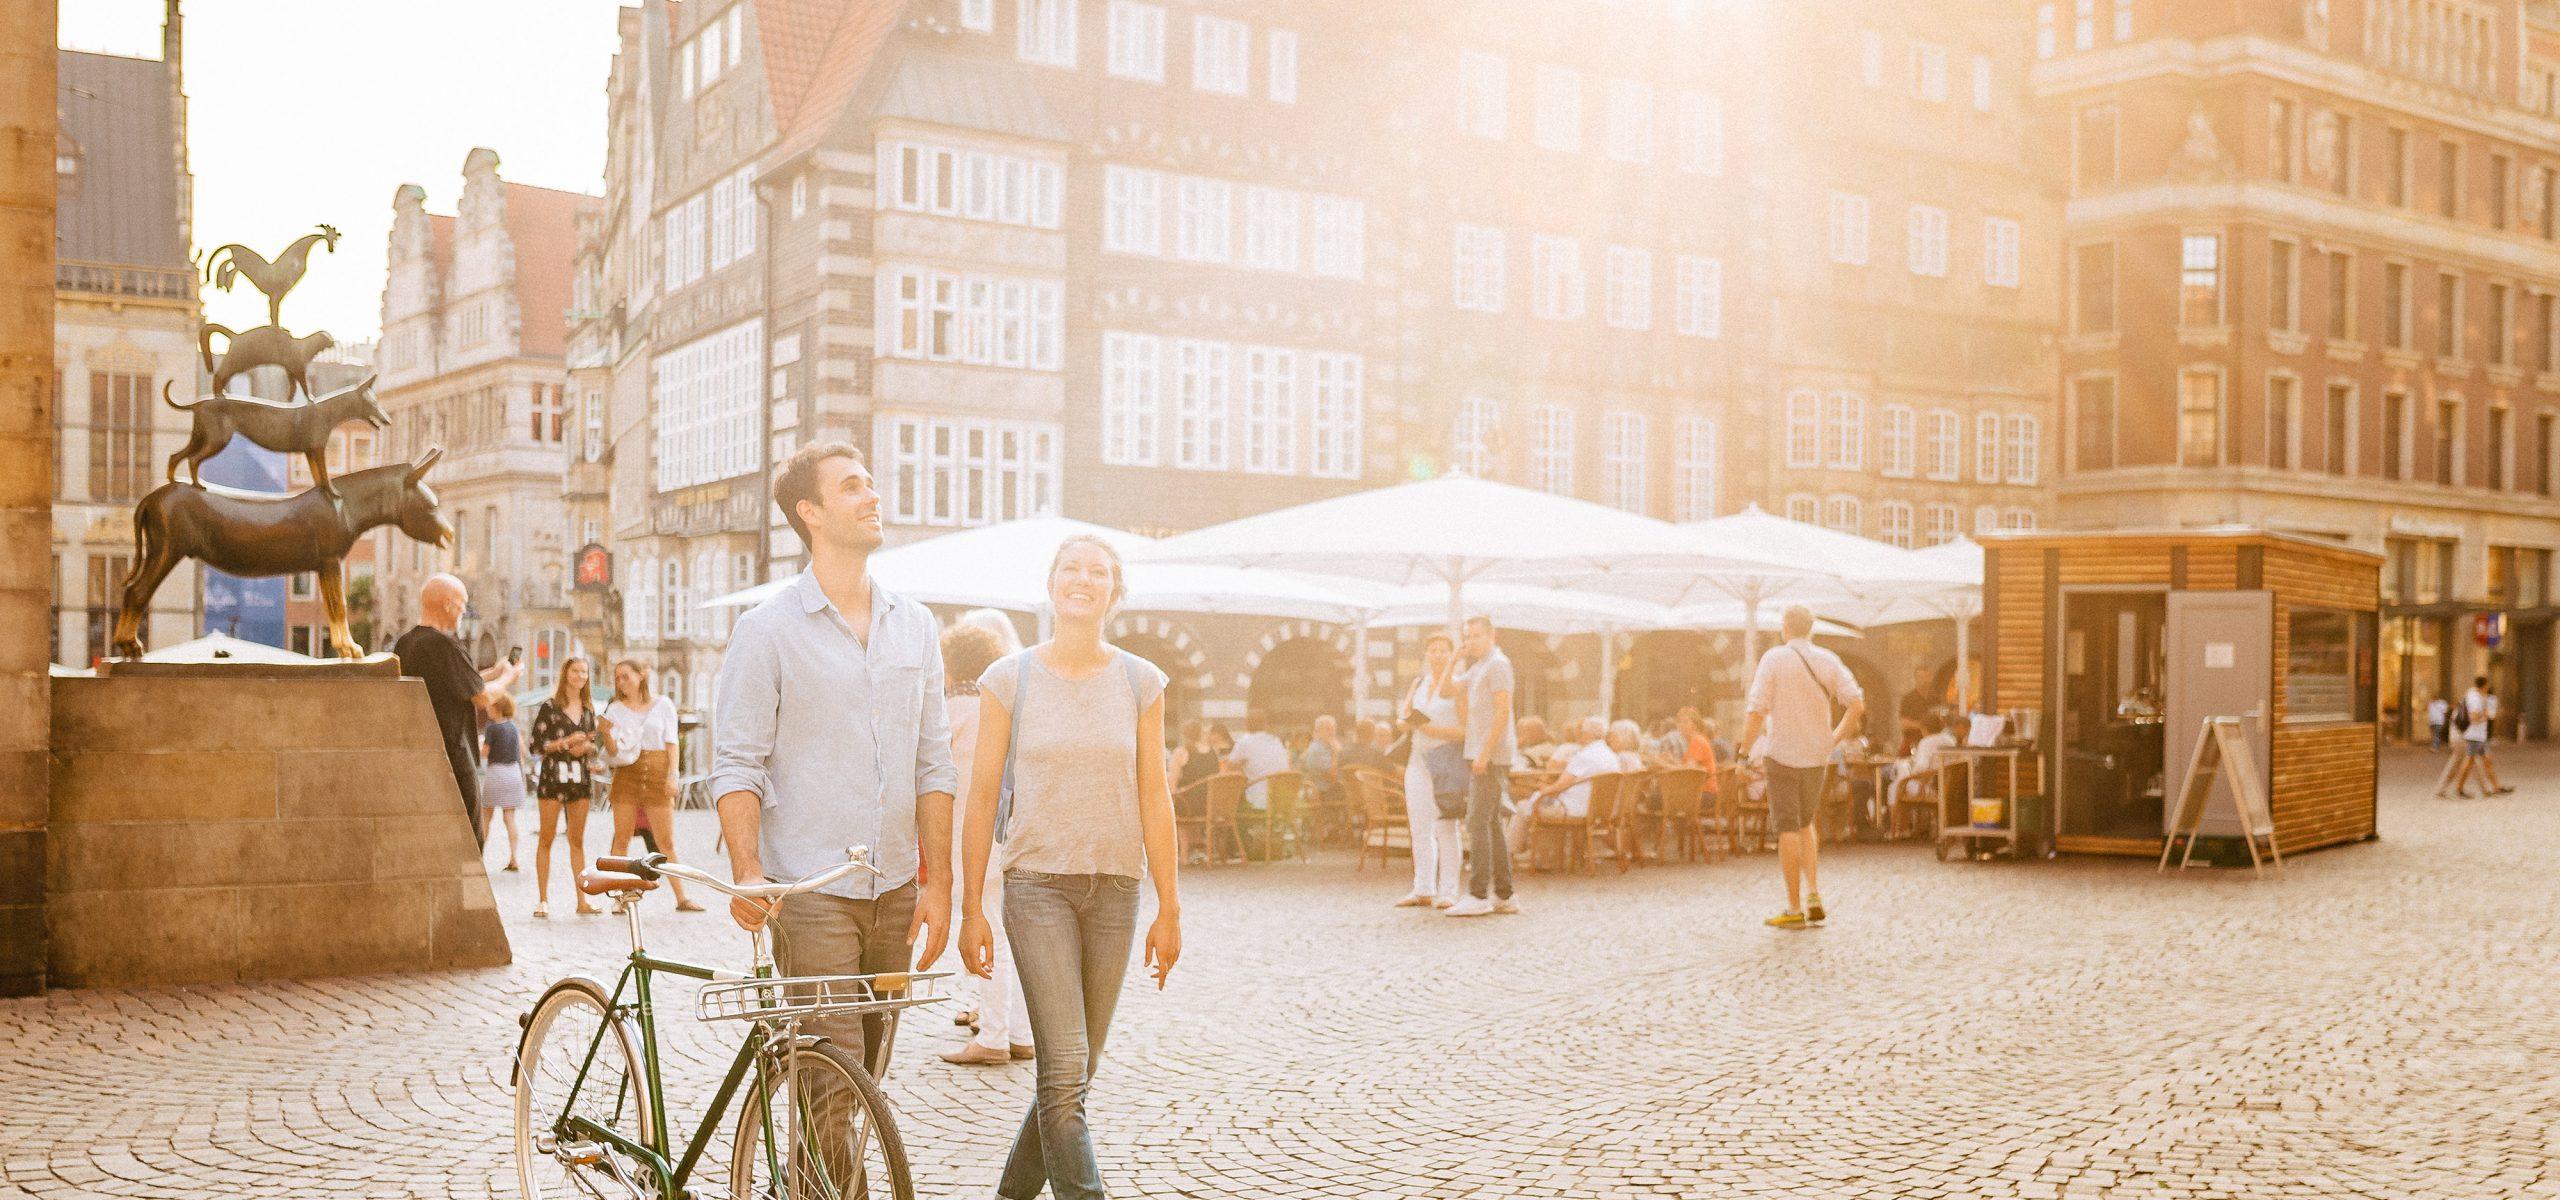 Zwei Personen stehen auf dem Bremer Marktplatz bei Sonnenschein.